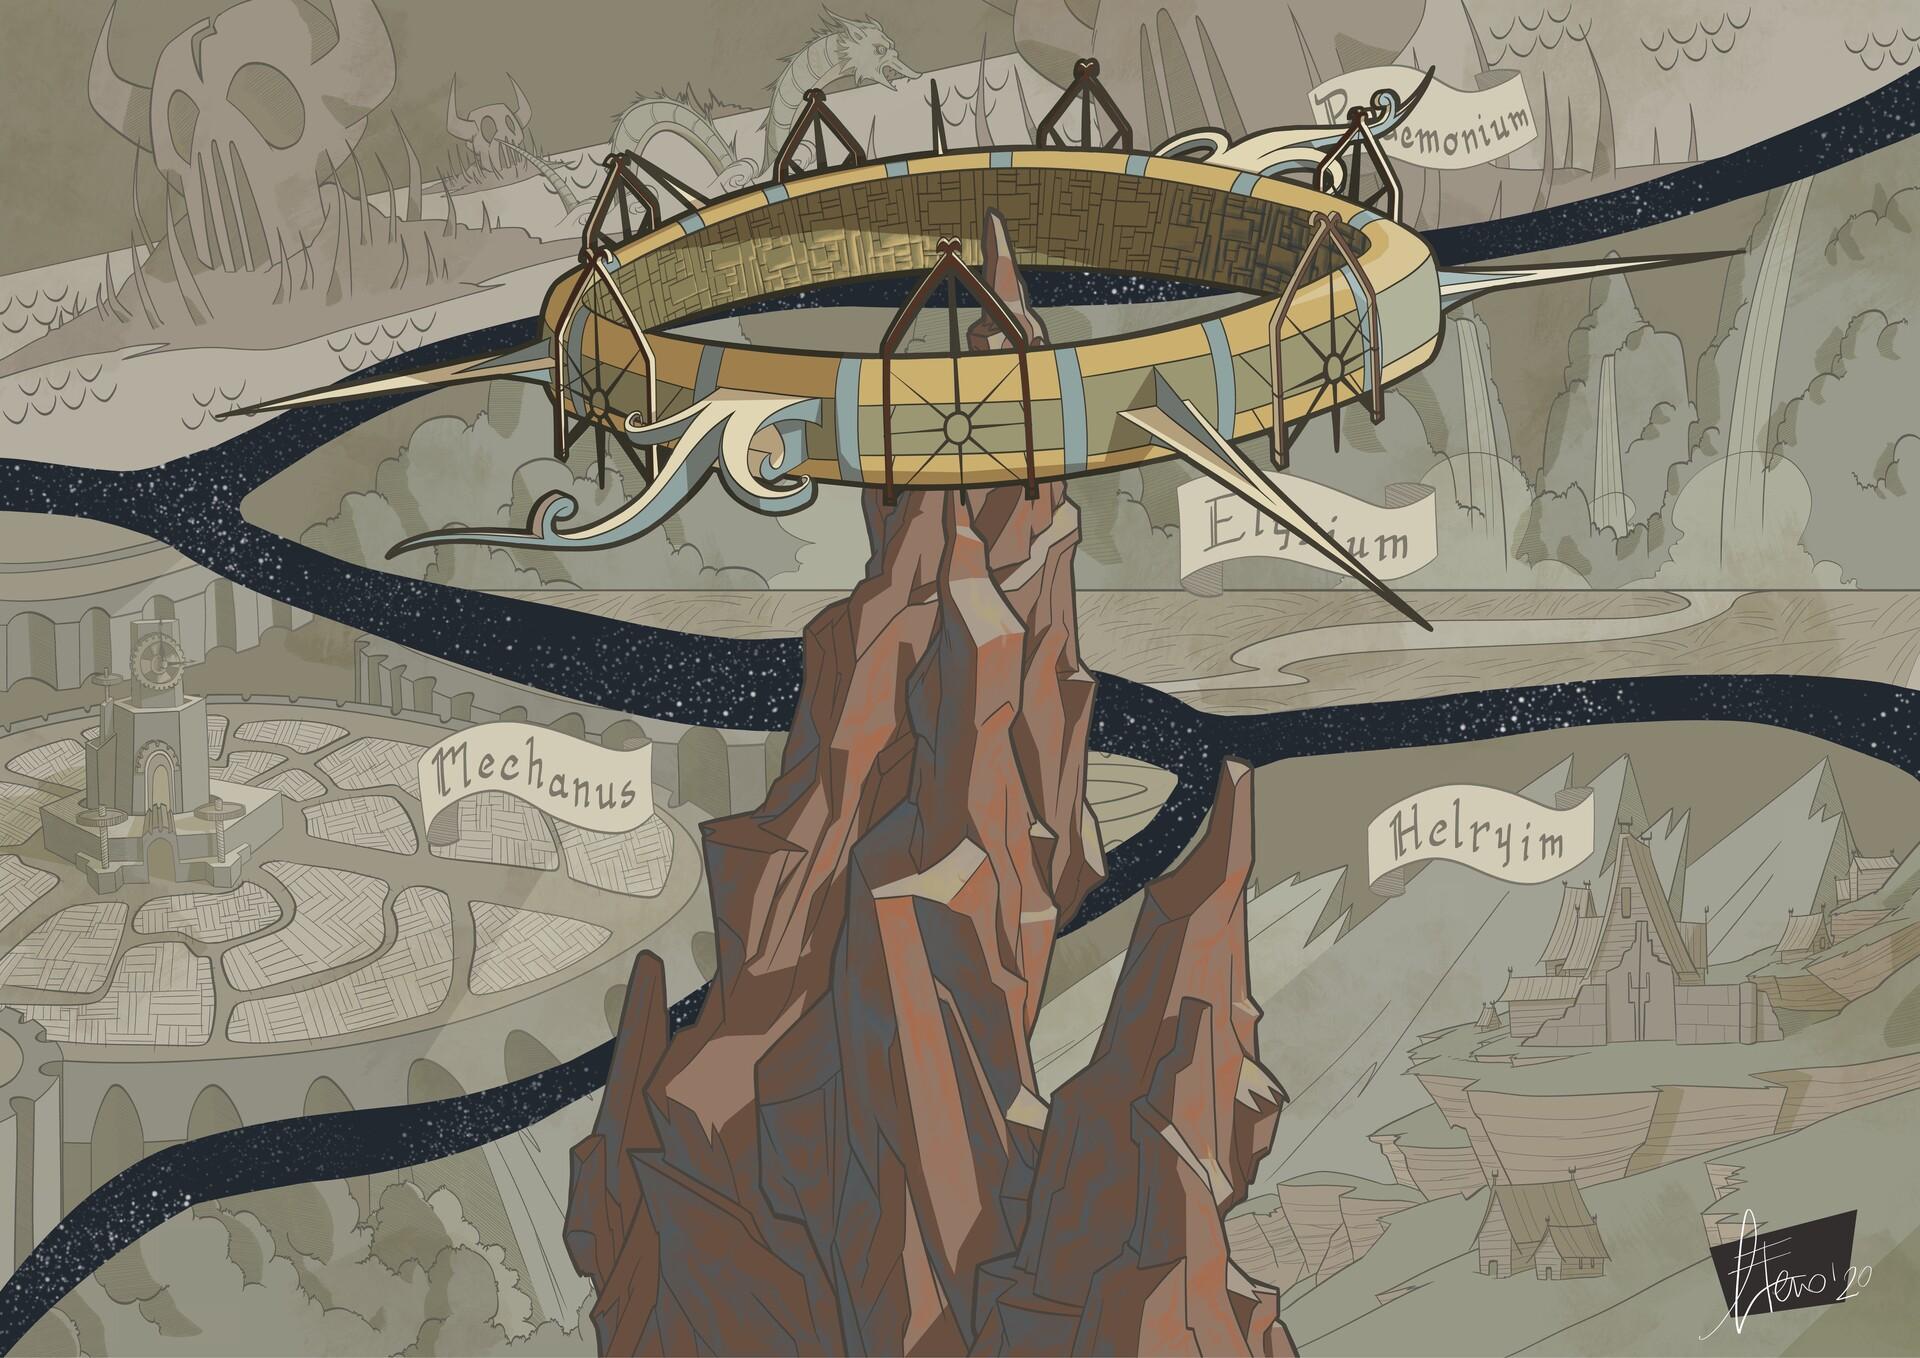 agnese eterno Sigil e i Piani Esterni - by Agnese Eterno www.artstation.com/gnagneterno (2020-05) © dell'autore, tutti i diritti riservati